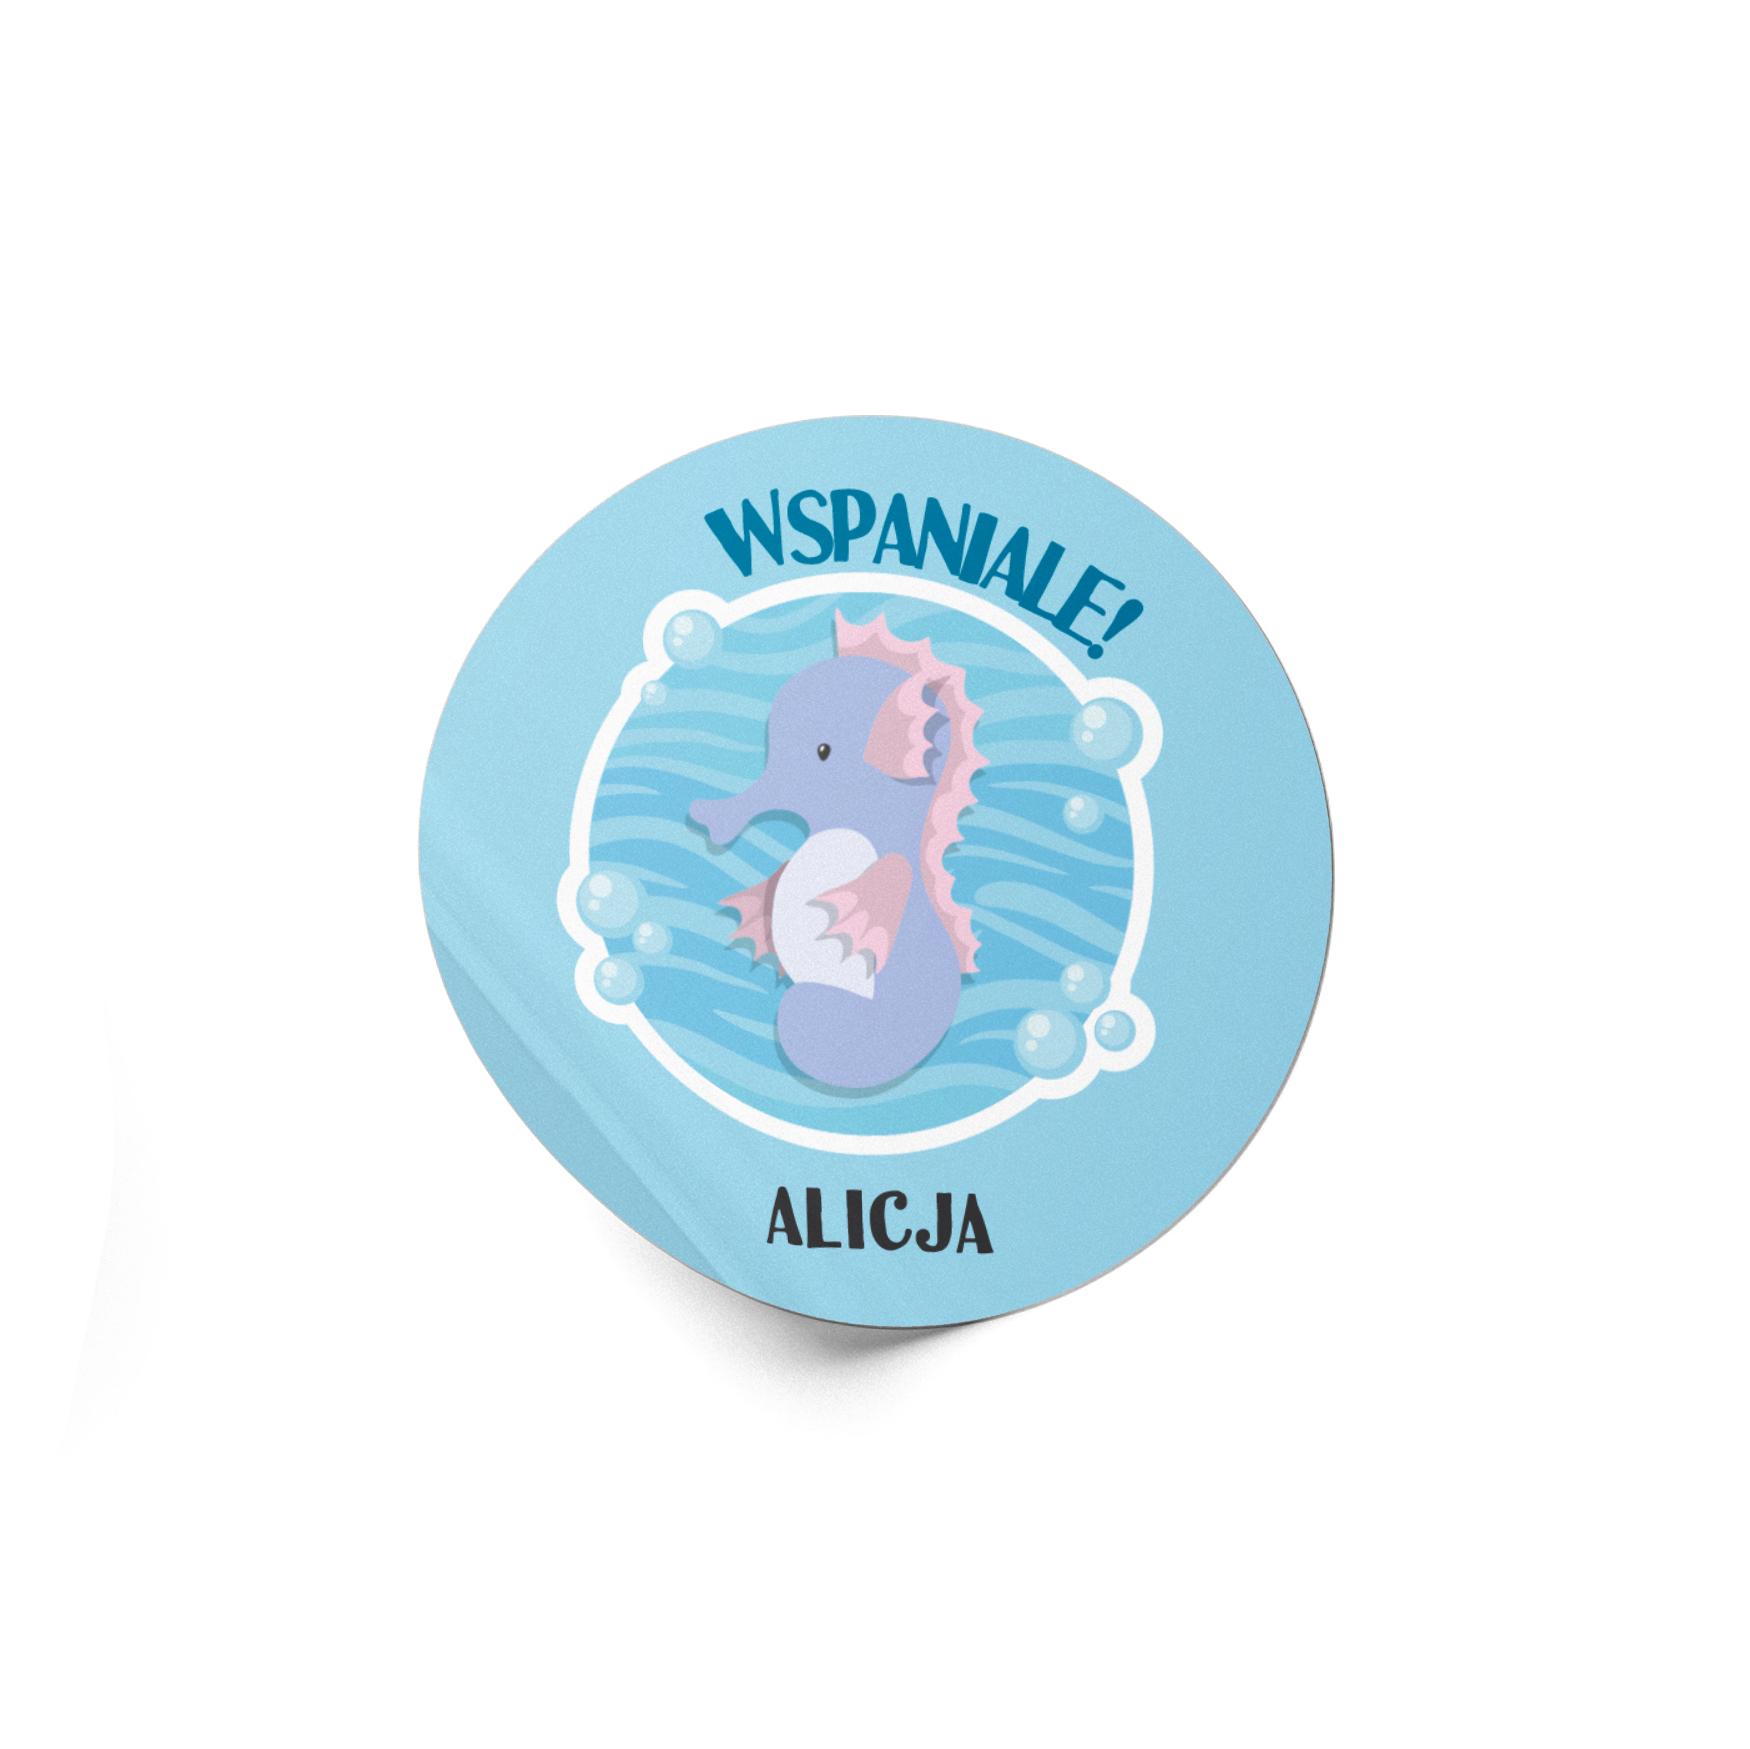 Naklejki motywacyjne dla dzieci szkolne naklejki z imieniem dziecka wspaniale konik morski